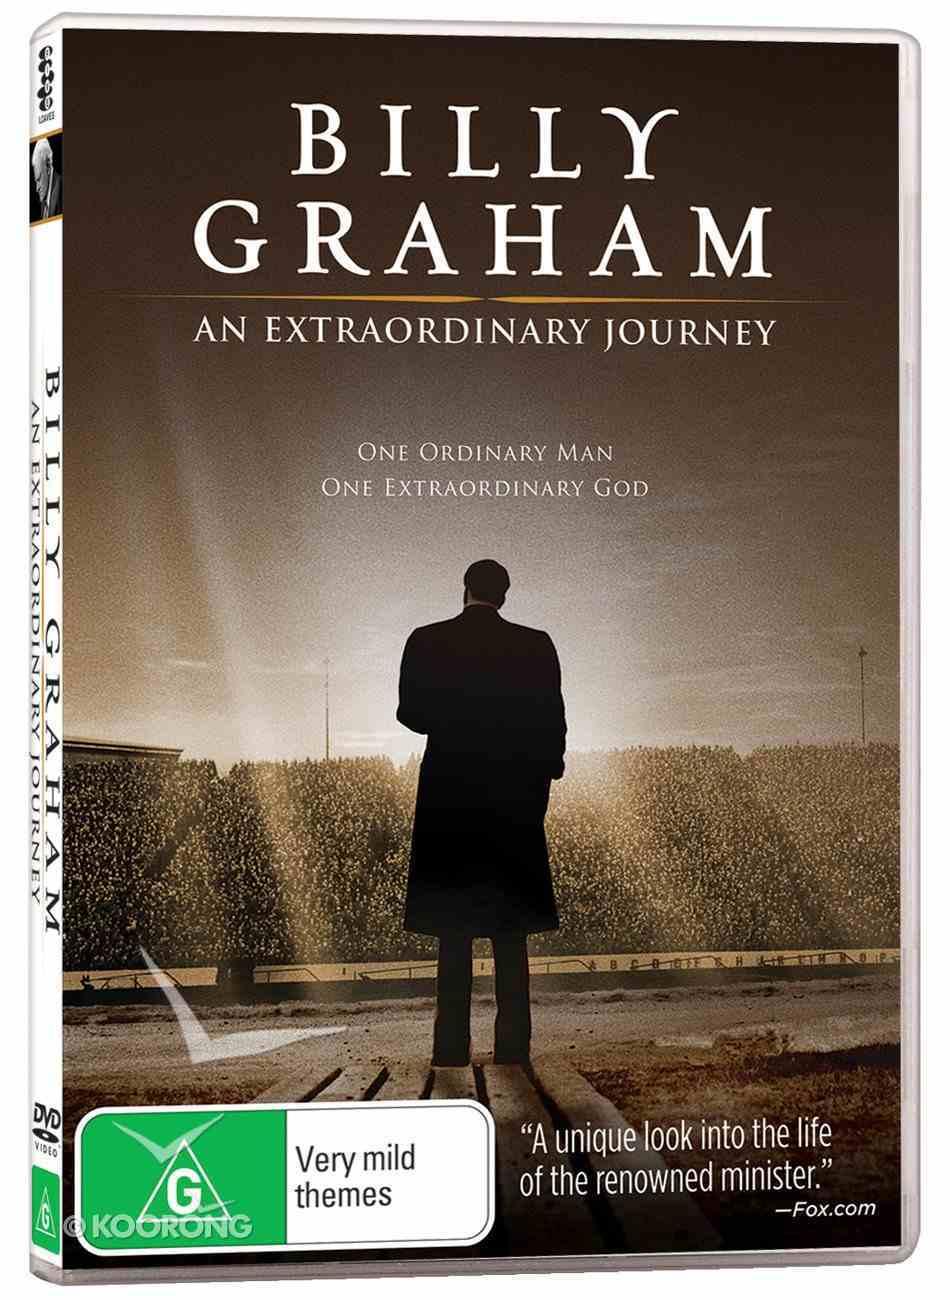 Billy Graham: An Extraordinary Journey DVD